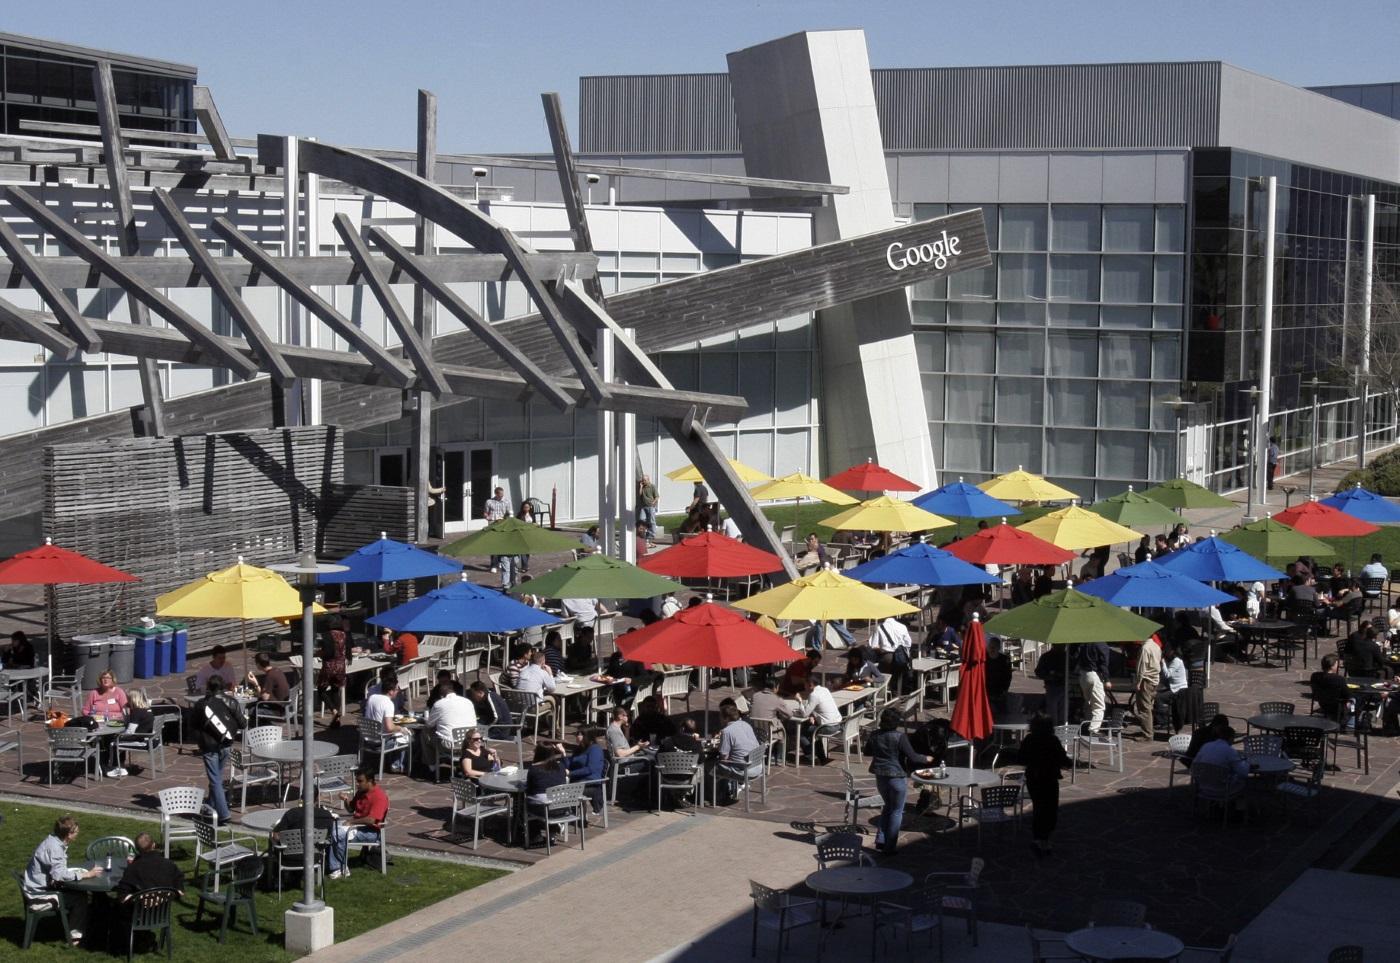 有 Google 員工直言,生活圈子極其狹窄,朝早開會、中午吃飯和晚上喝酒的對象,都是自己同事。圖片來源:路透社